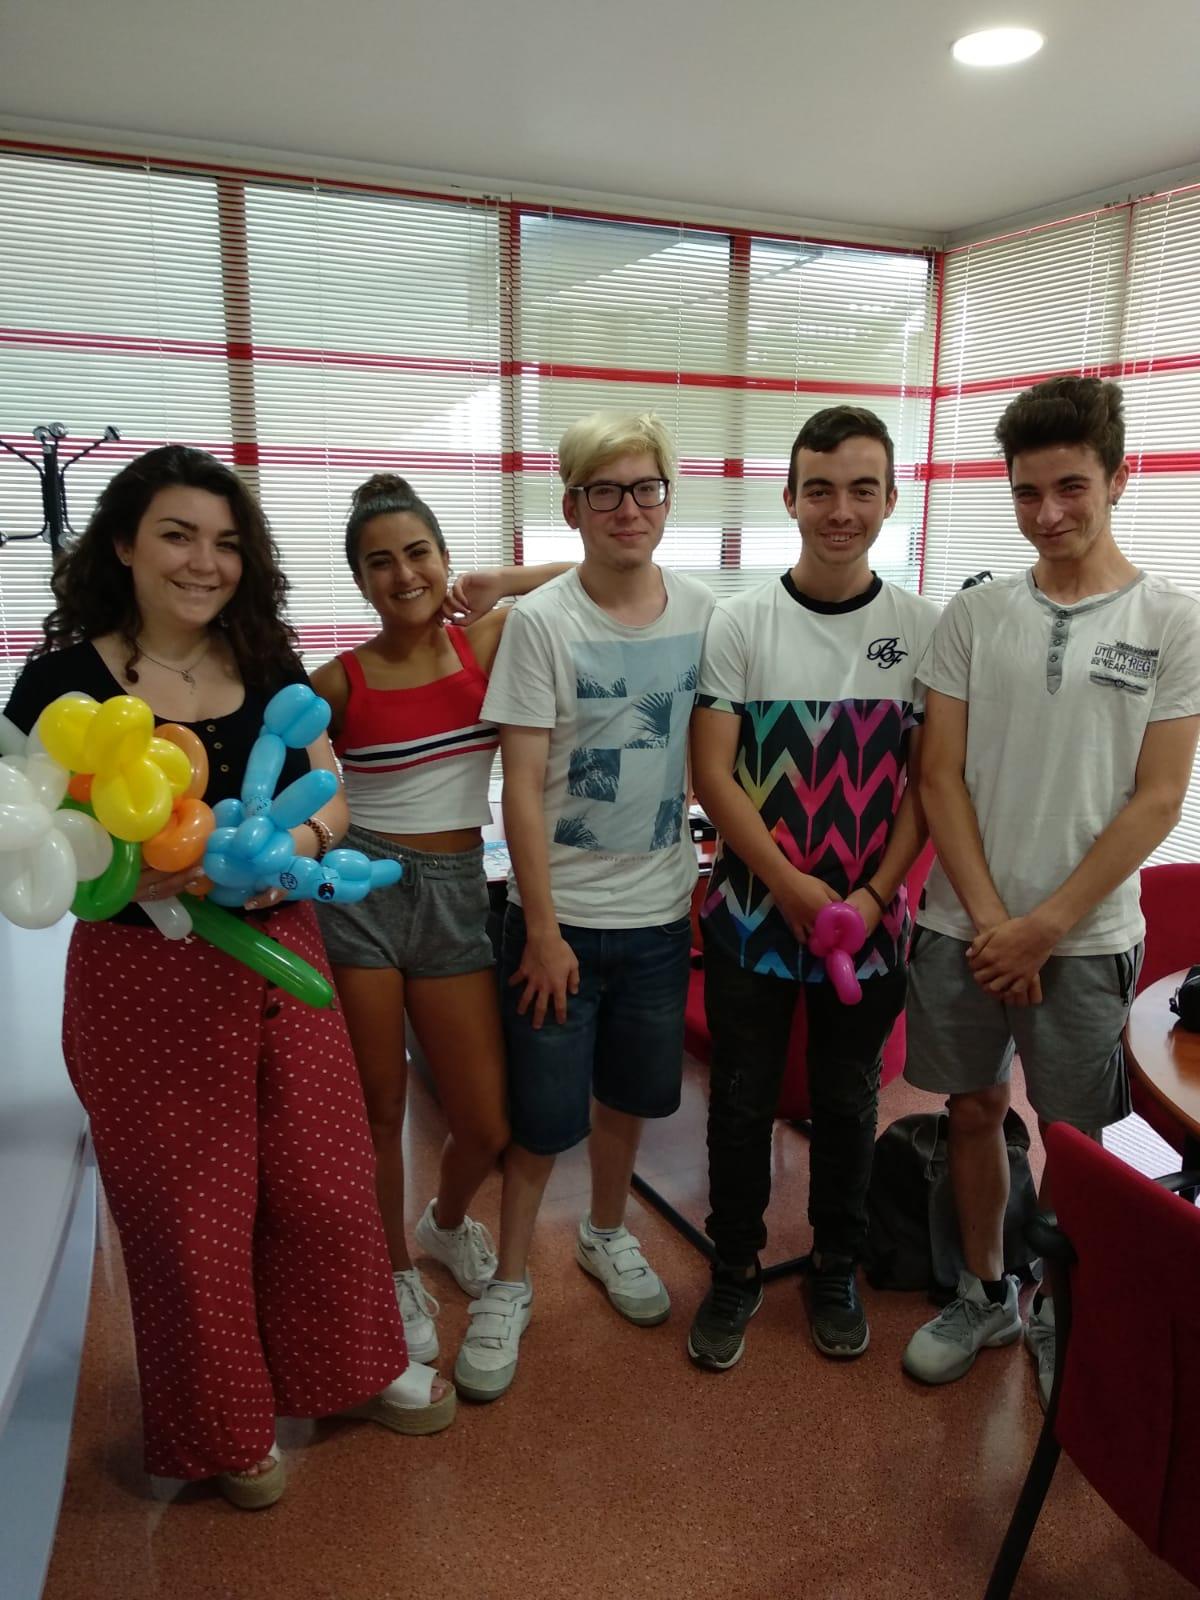 Un total de 20 jóvenes de Elda reorientan su futuro gracias al programa 'Jove Oportunitat'.